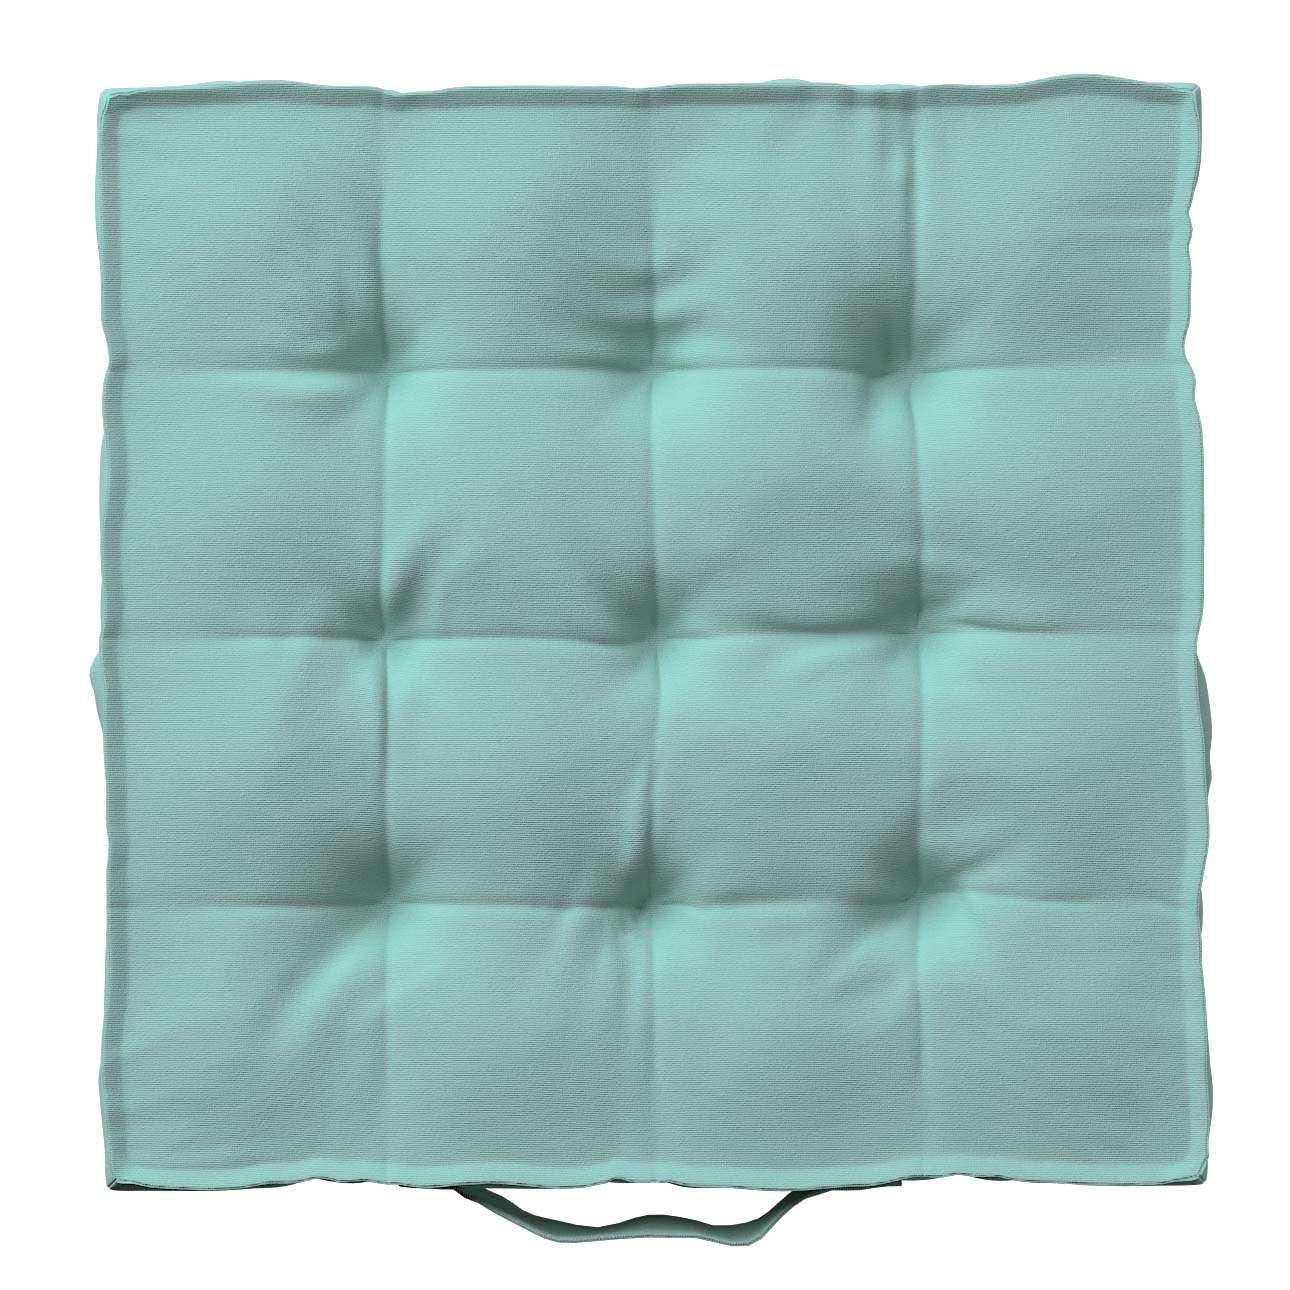 Pagalvėlė Kuba kėdei/ant grindų 40 x 40 x 6 cm kolekcijoje Loneta , audinys: 133-32